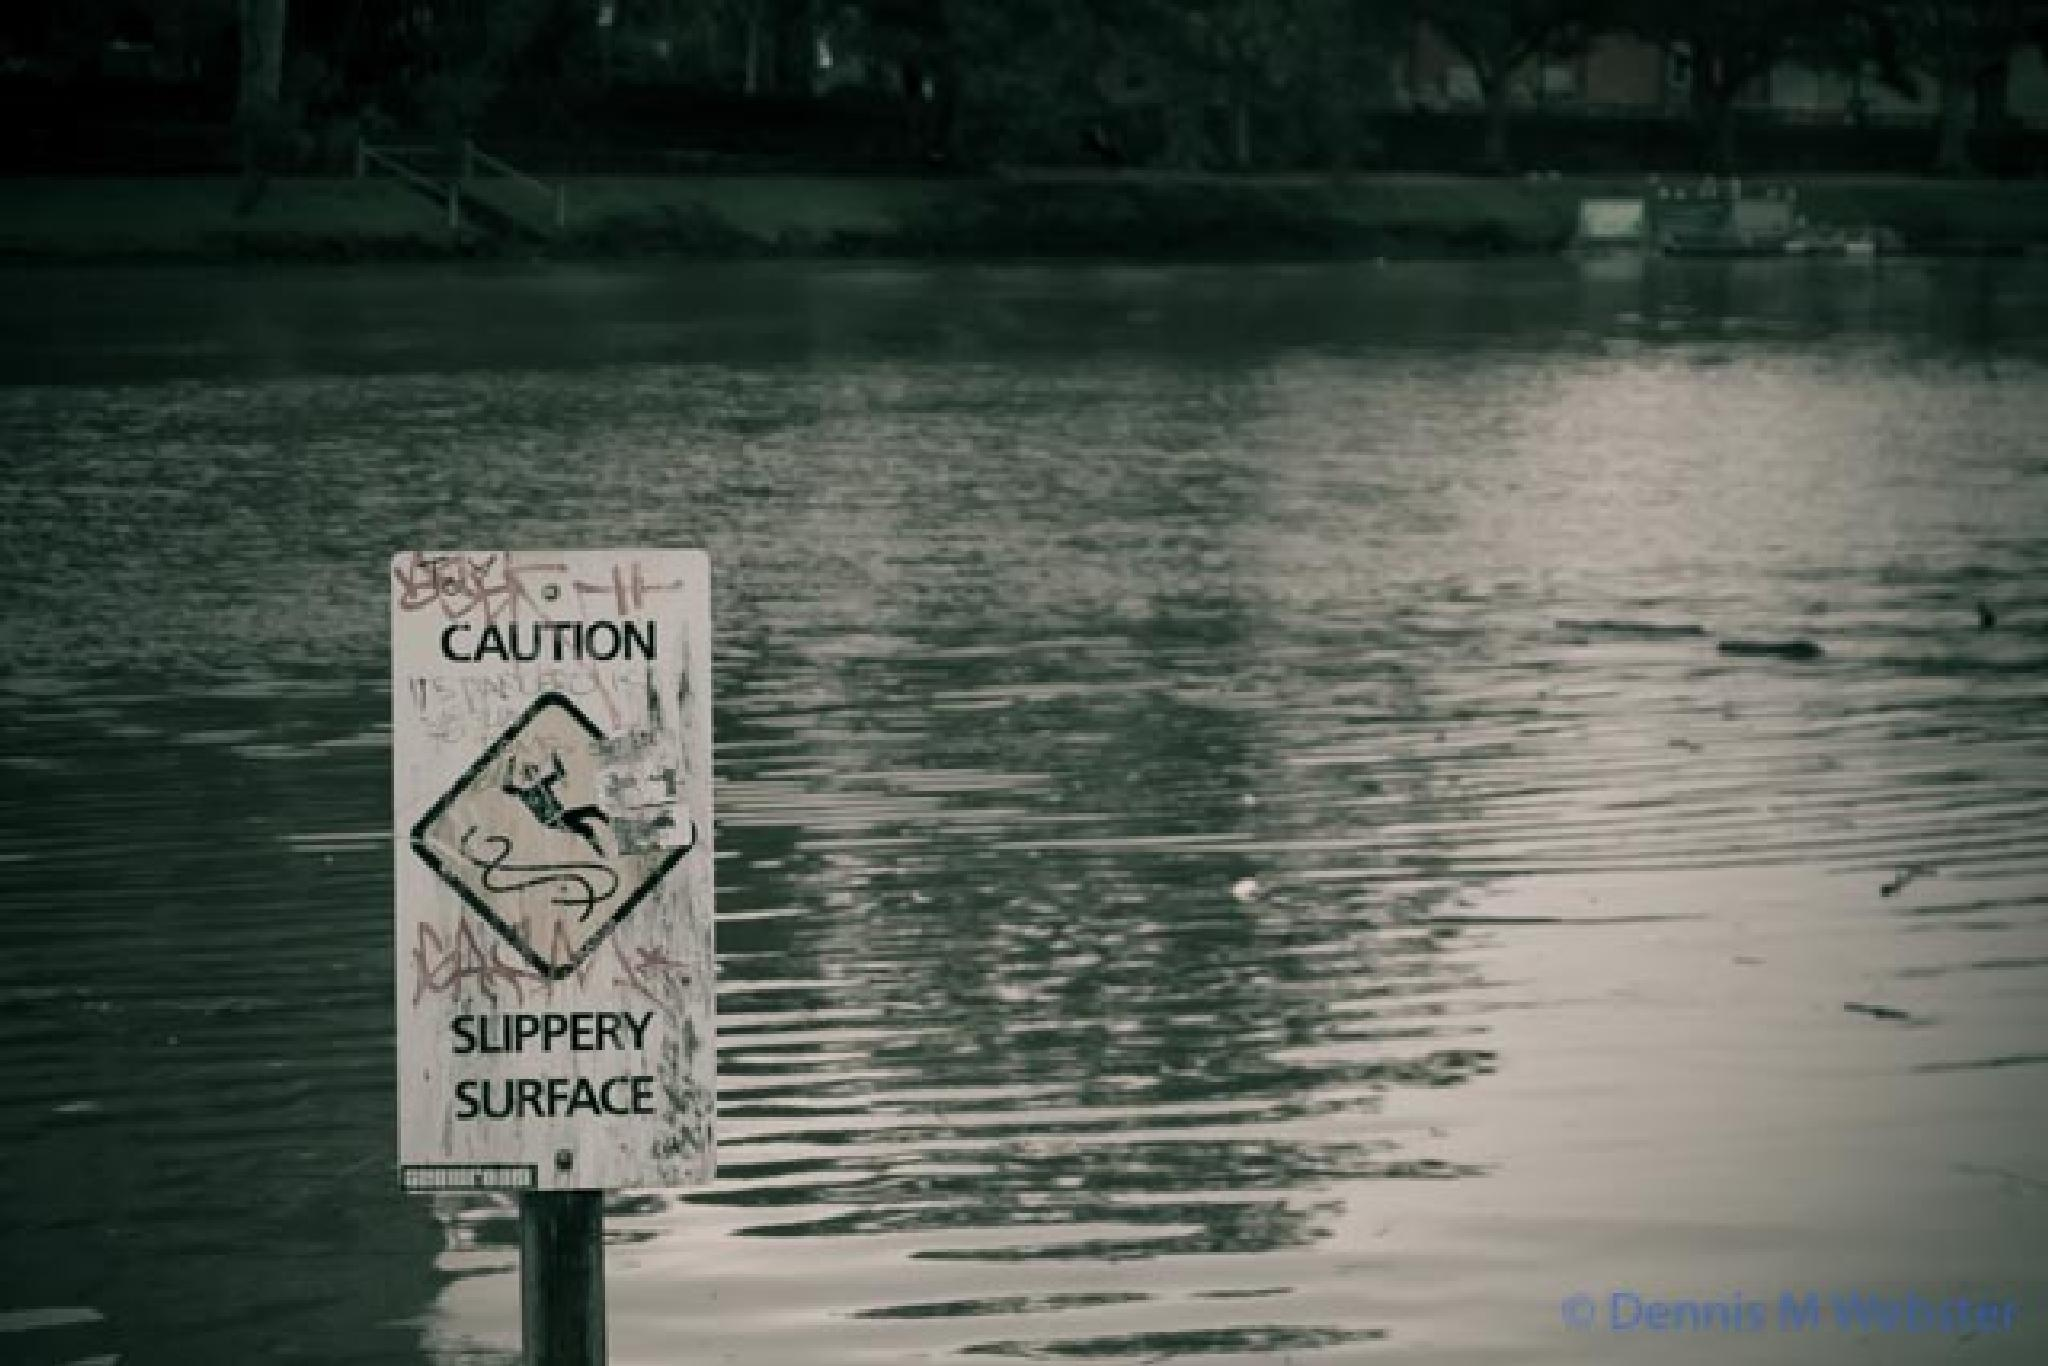 not only slippery, probably wet by tastigr